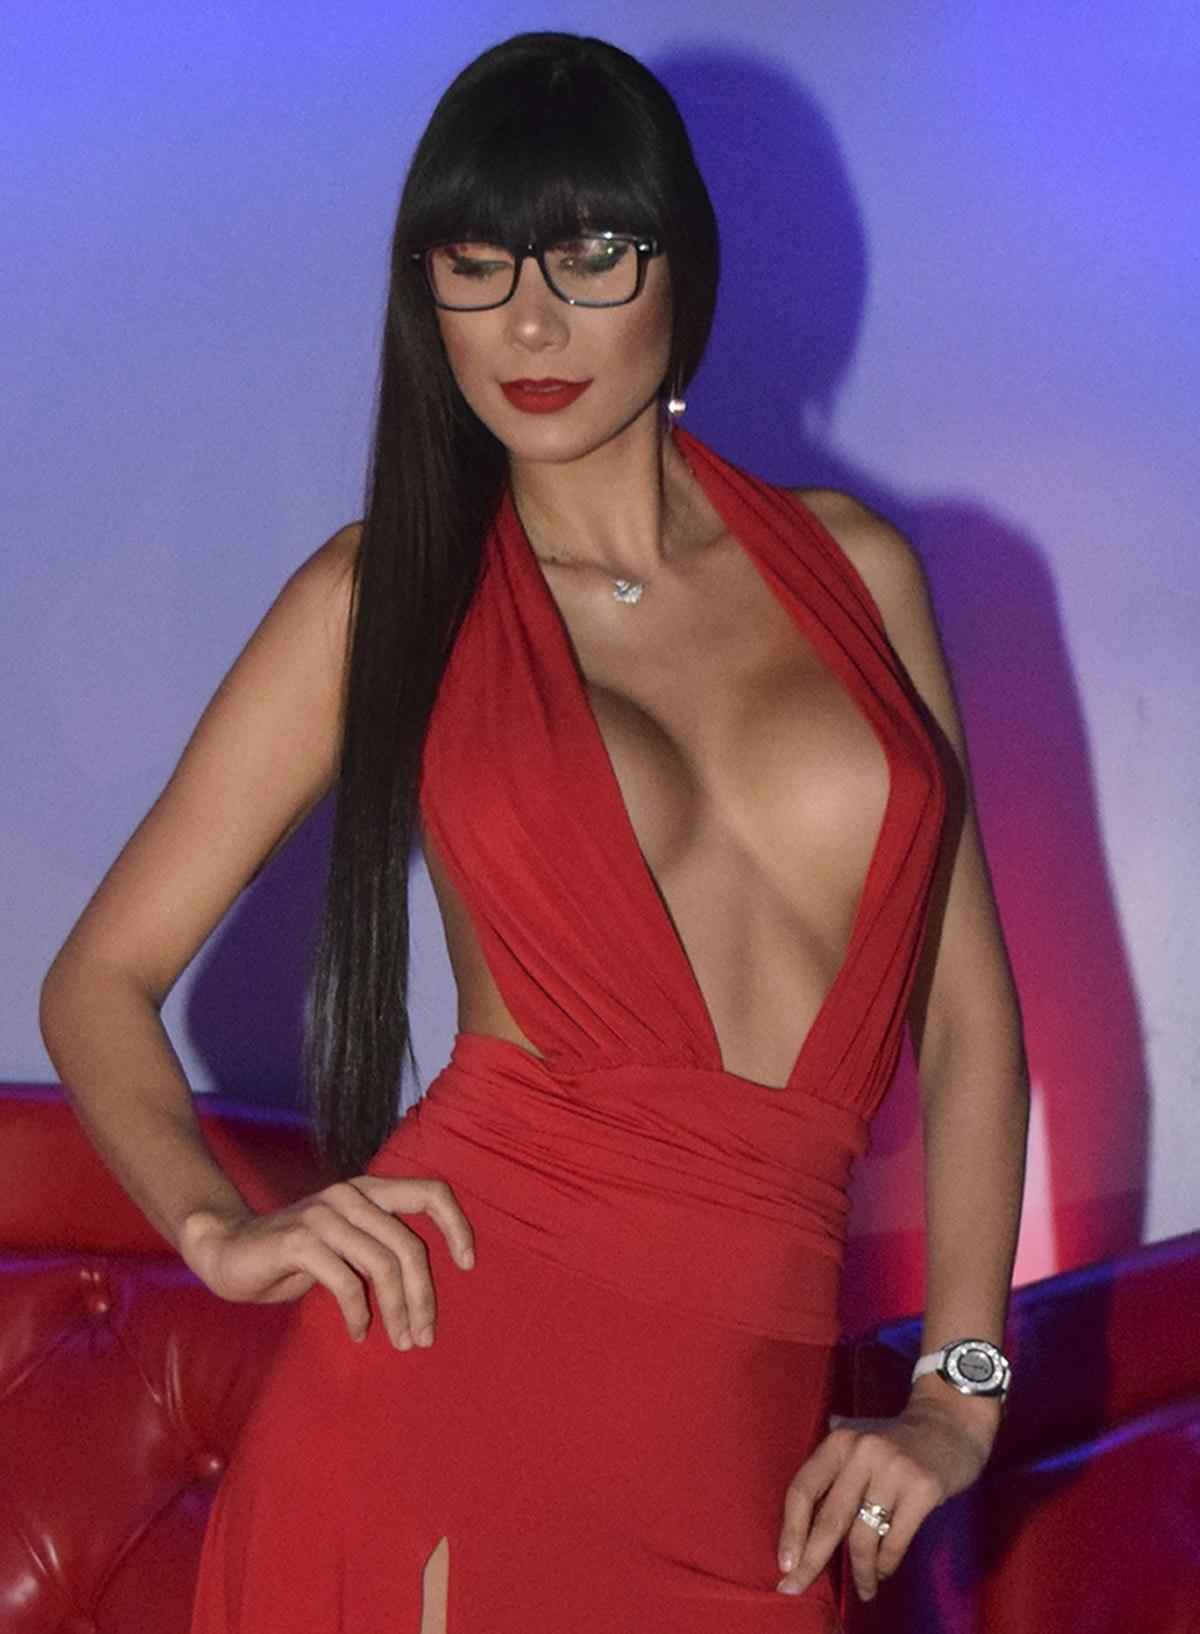 Actriz Porno Espanola Nombre Estrella mia marin - wikipedia, la enciclopedia libre